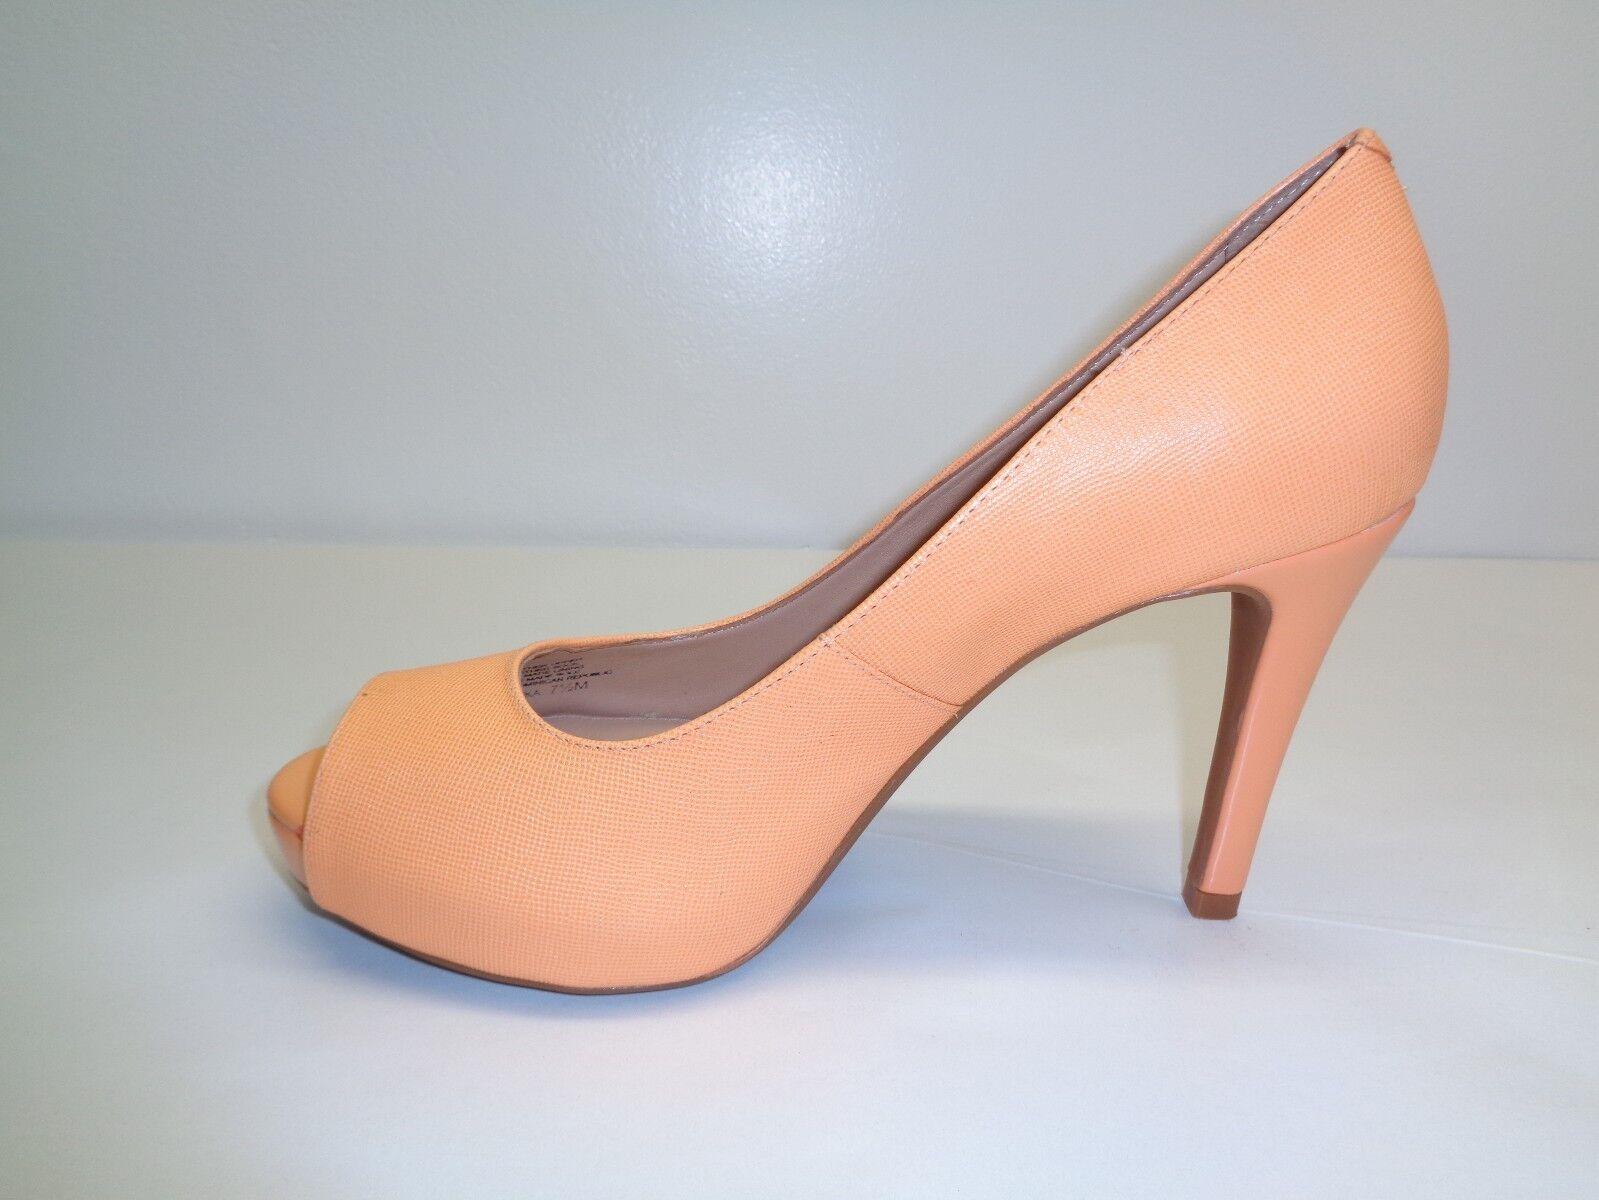 Antonio Melani Größe 8.5 Pumps M ERIKA Orange Leder Pumps 8.5 Heels New Damenschuhe Schuhes bc507f